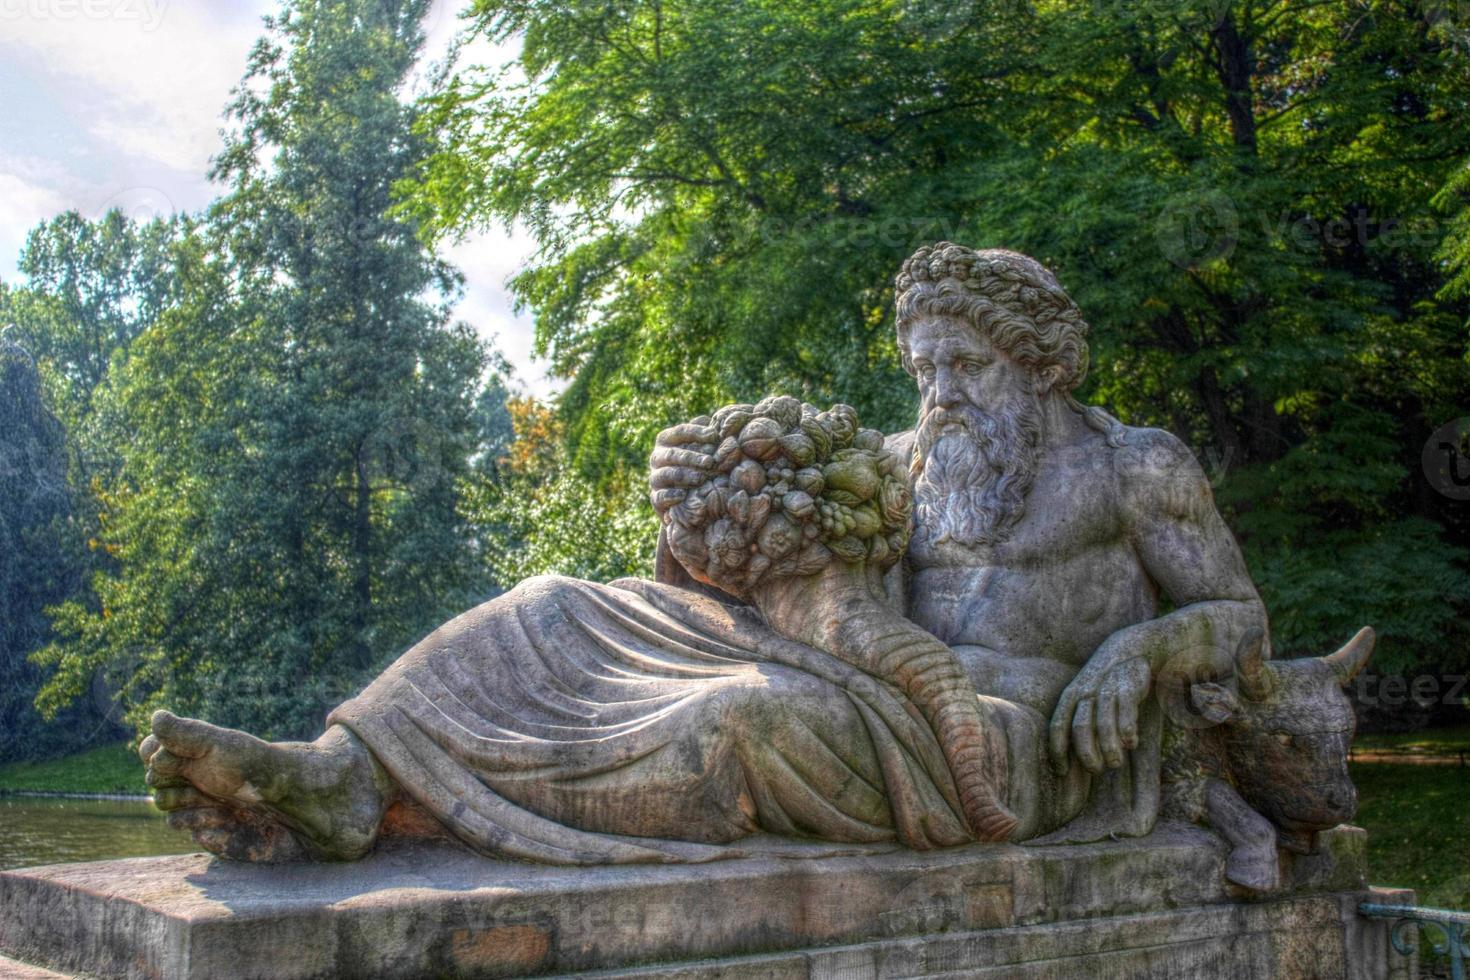 Dionysos-Statue im Lazienki-Park, Polen foto